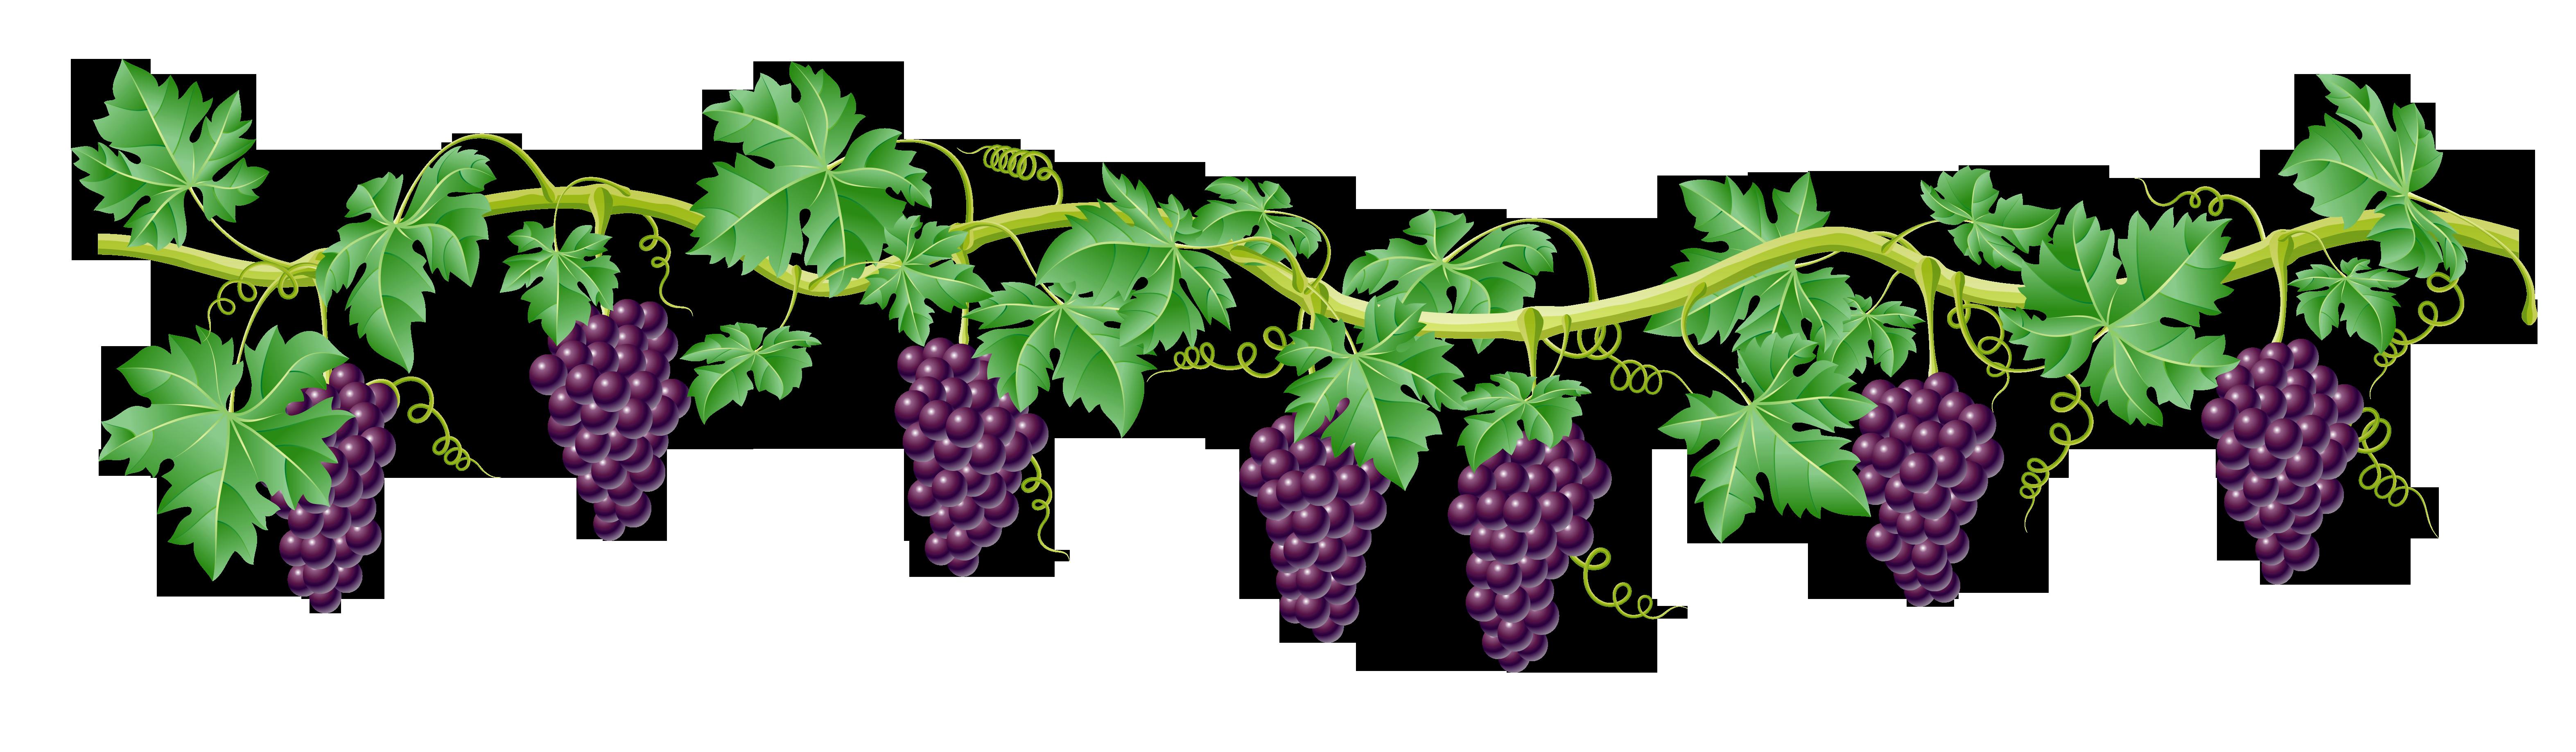 Decoration clipart vine Element Transparent Free Picture Art